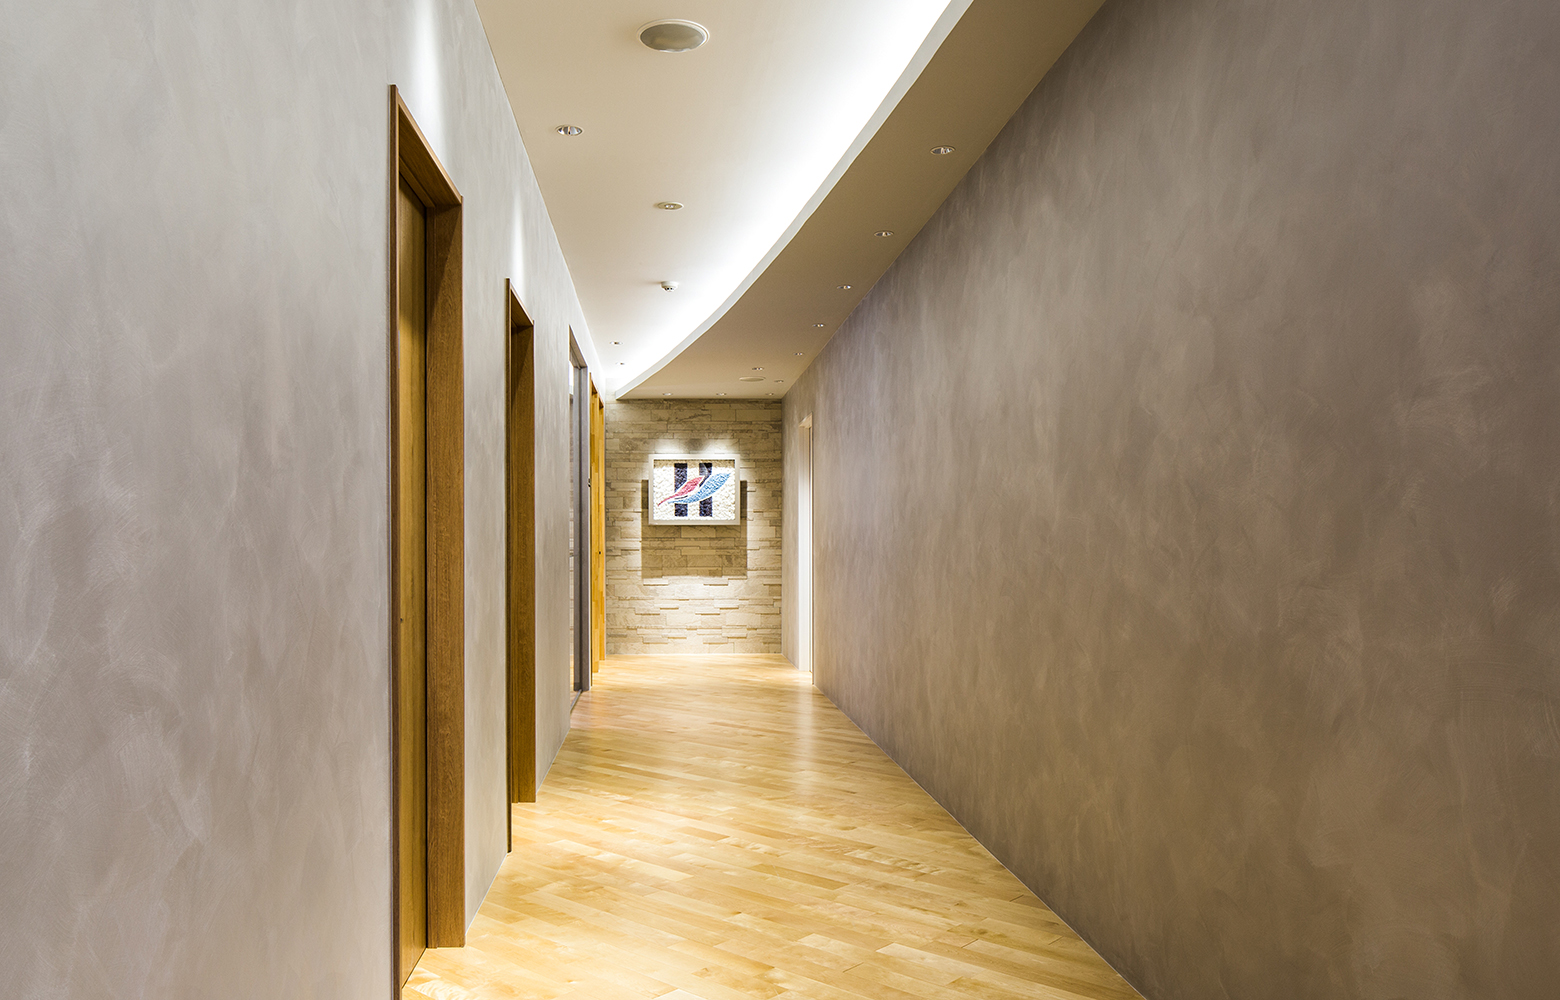 平安セレモニー株式会社 Corridor デザイン・レイアウト事例